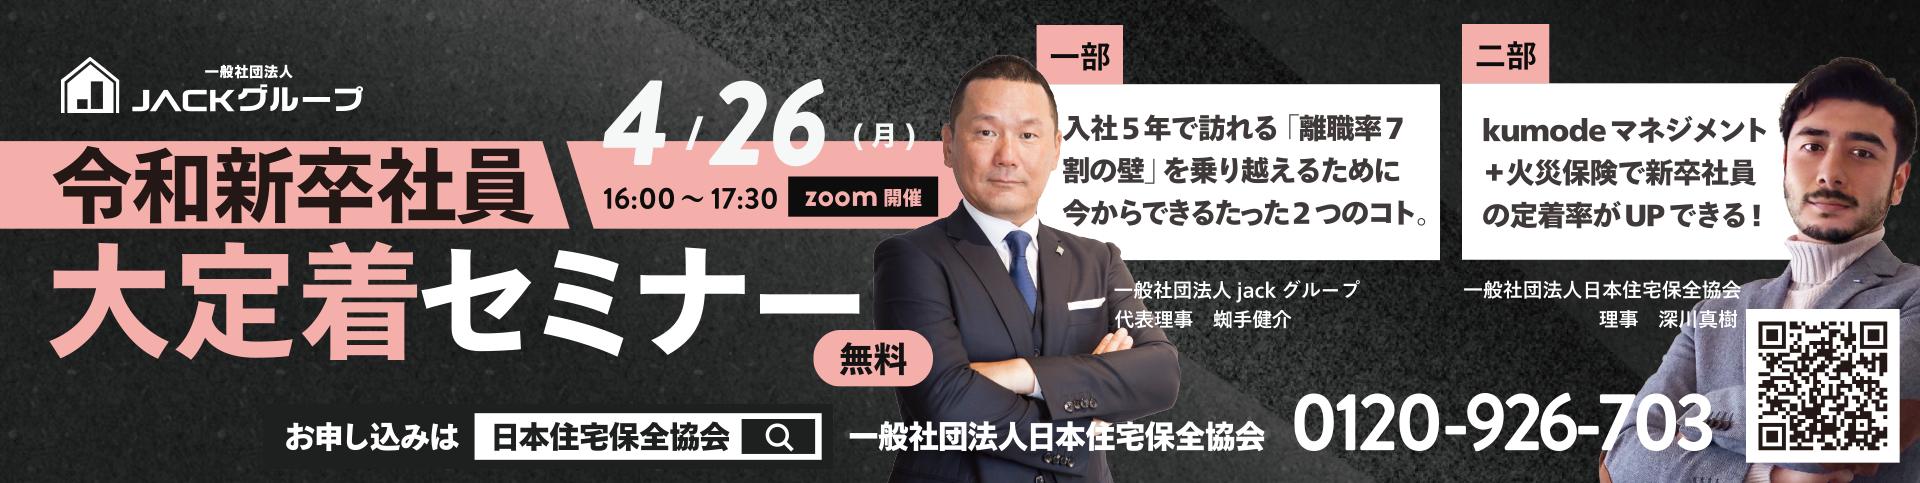 【無料・特別講演】リフォームビジネス研究会JACKグループセミナー